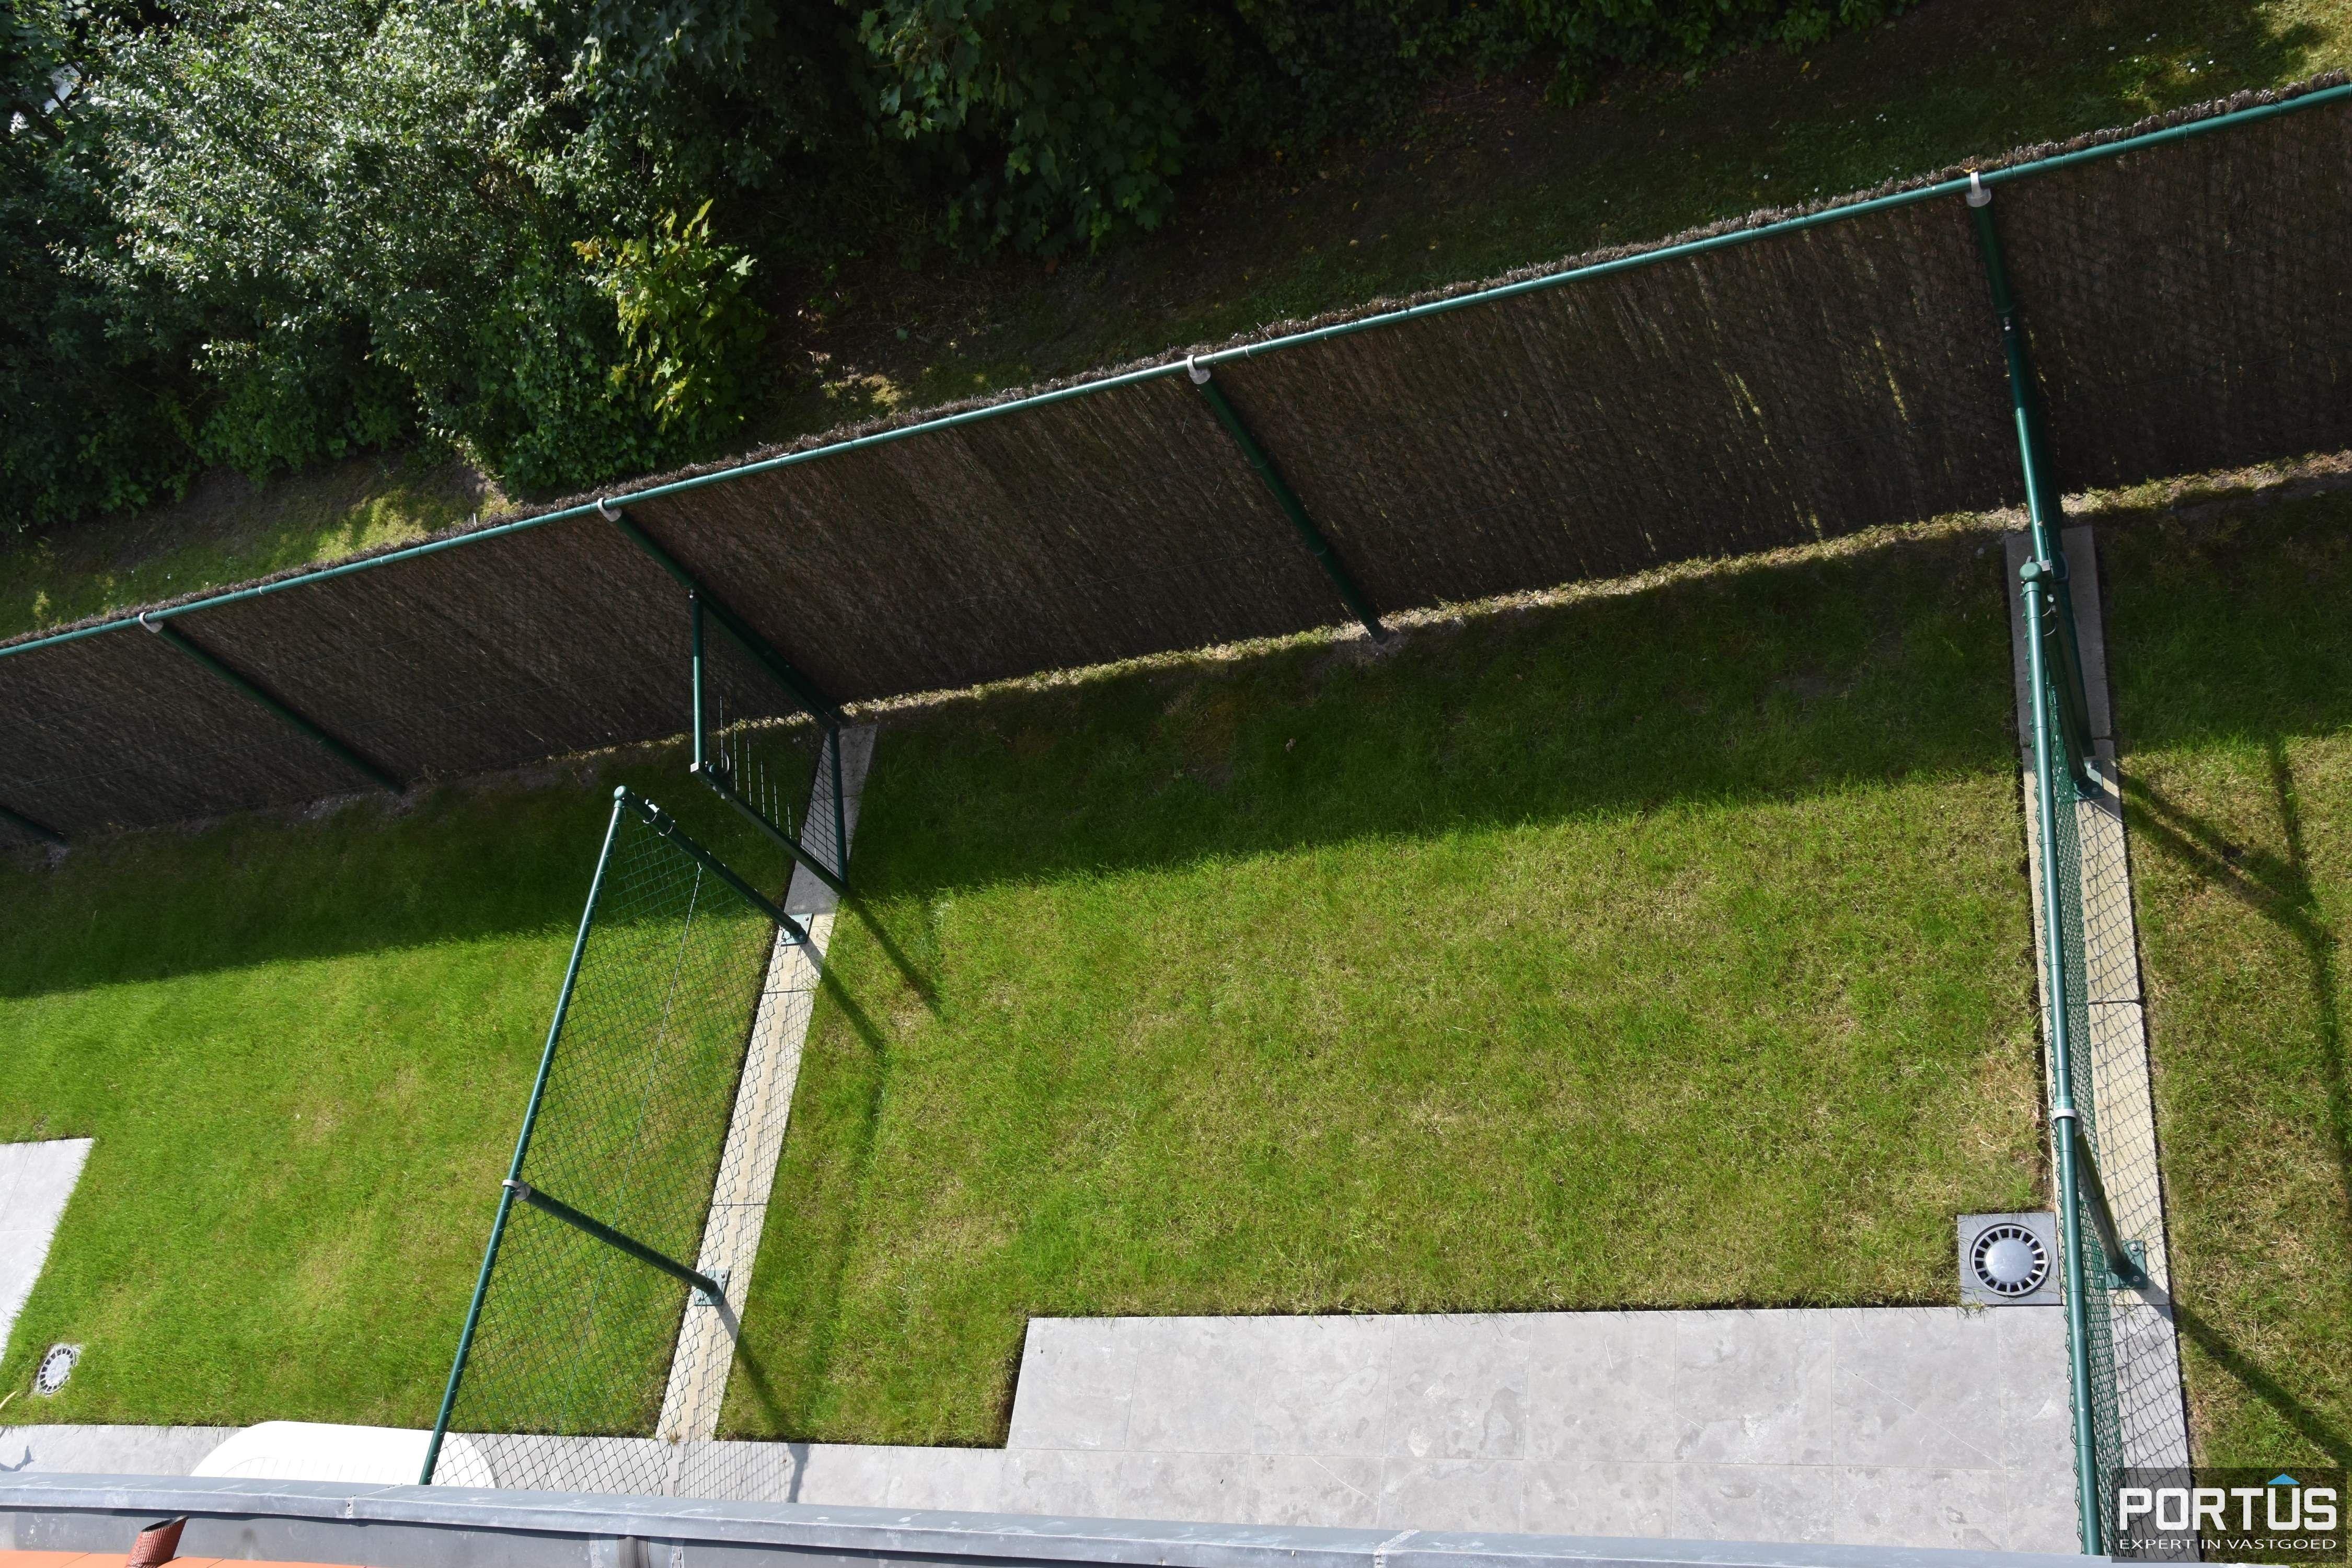 Appartement Residentie Villa Crombez Nieuwpoort - 8401